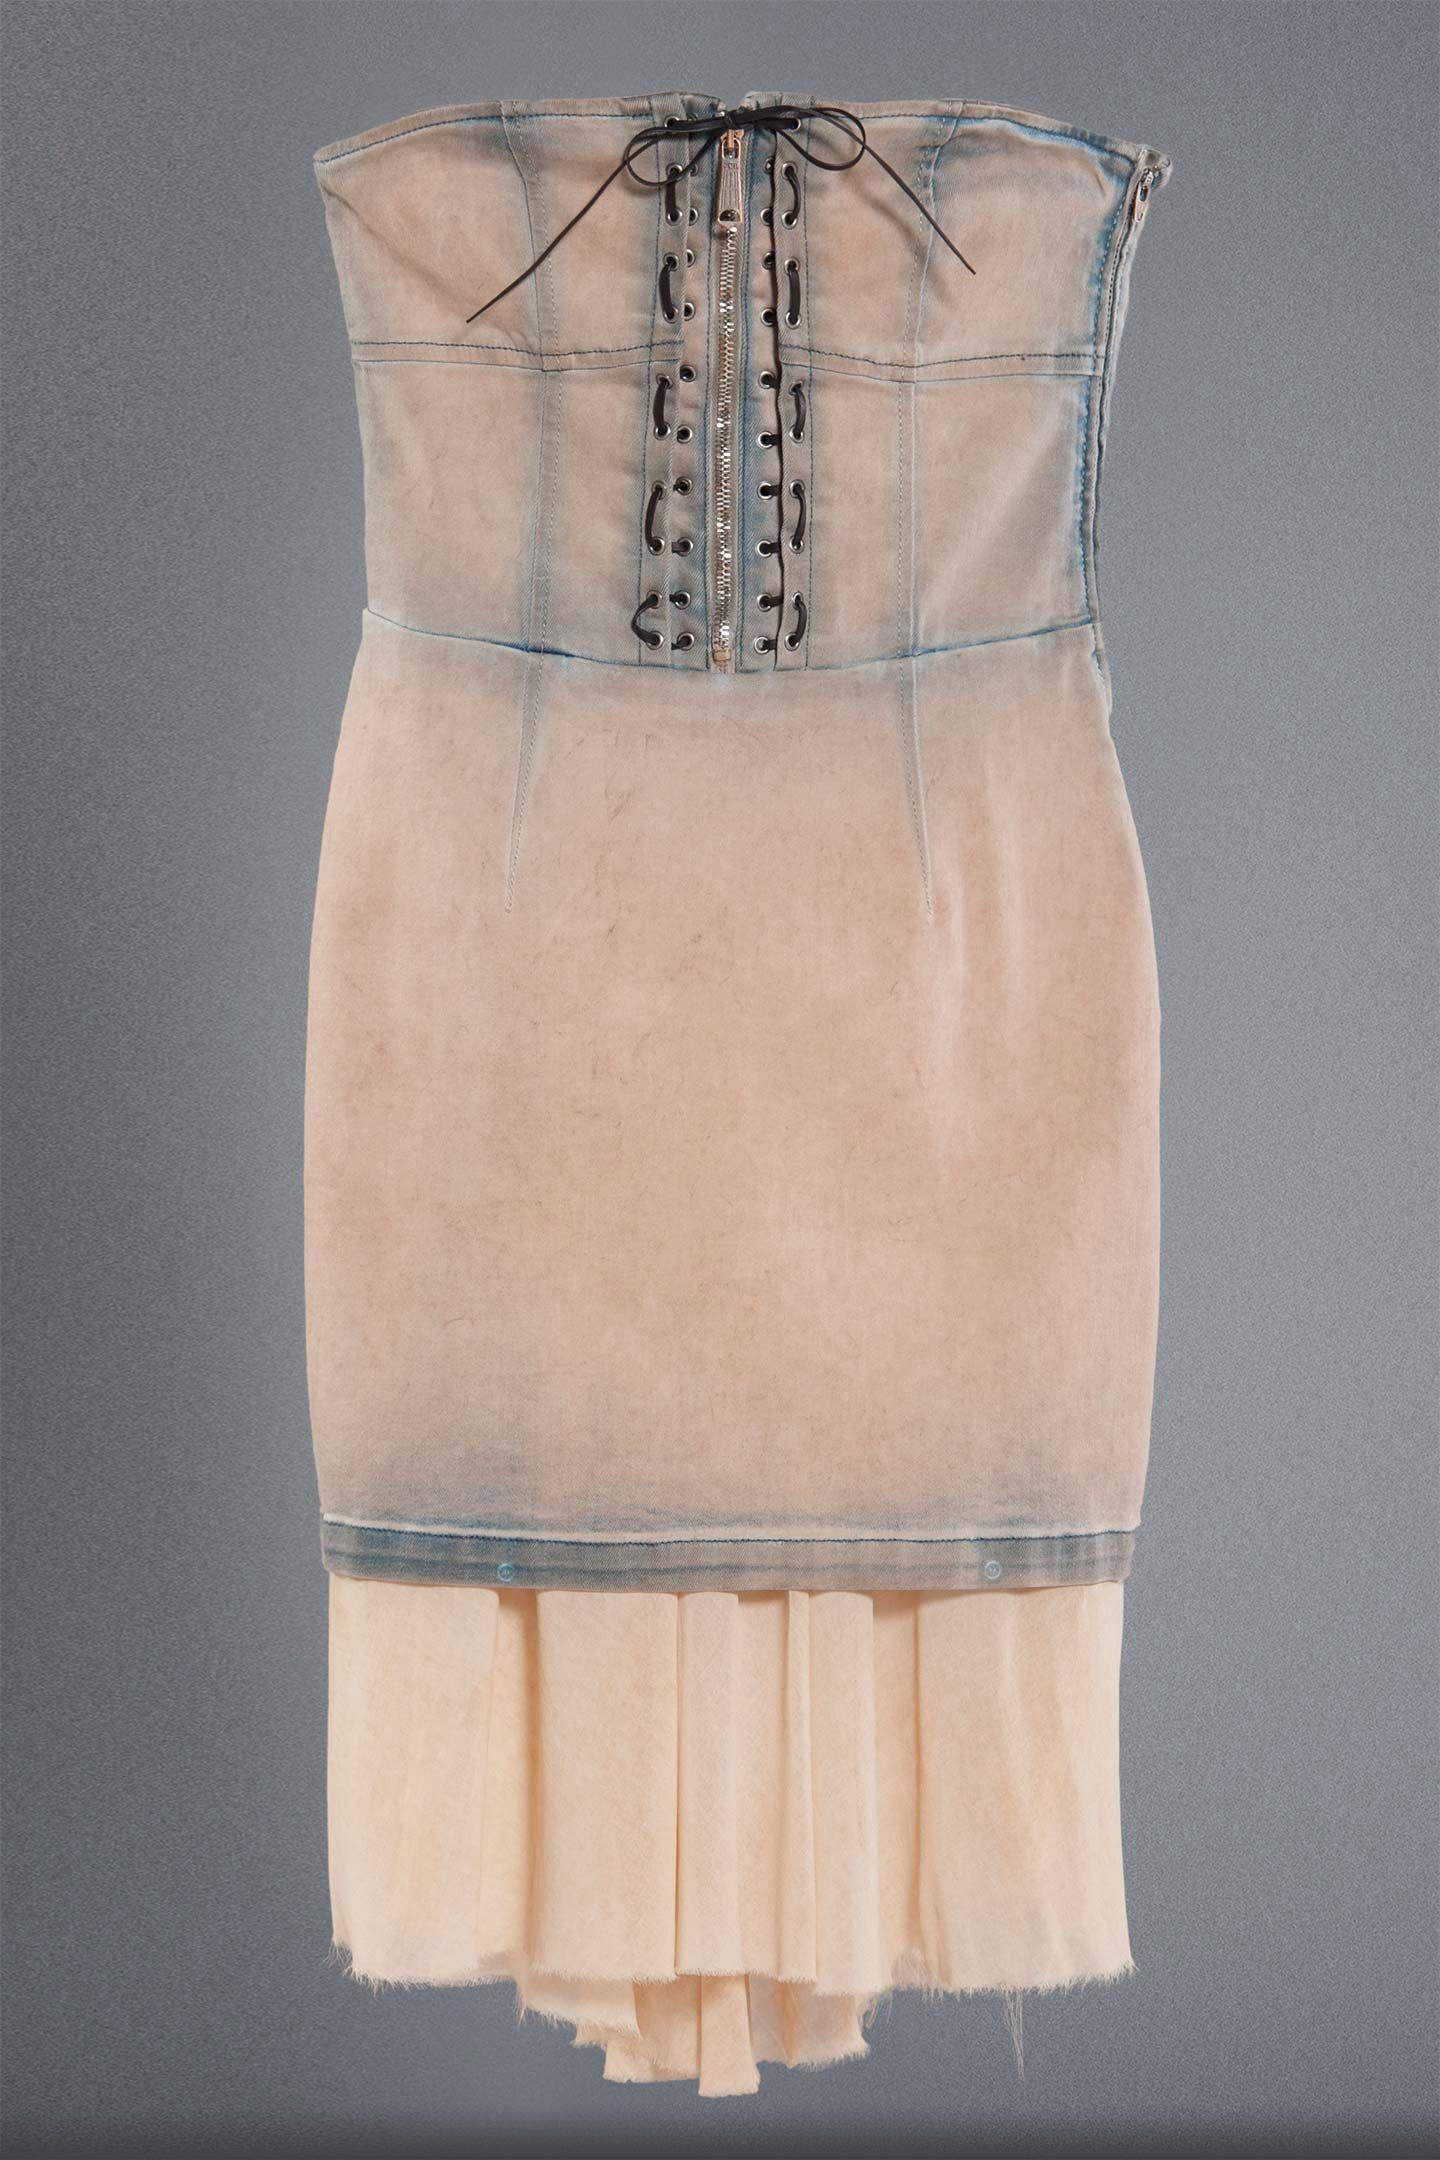 Diesel - Vestuário Feminino - Outono / Inverno Preview - roupas femininas, moda